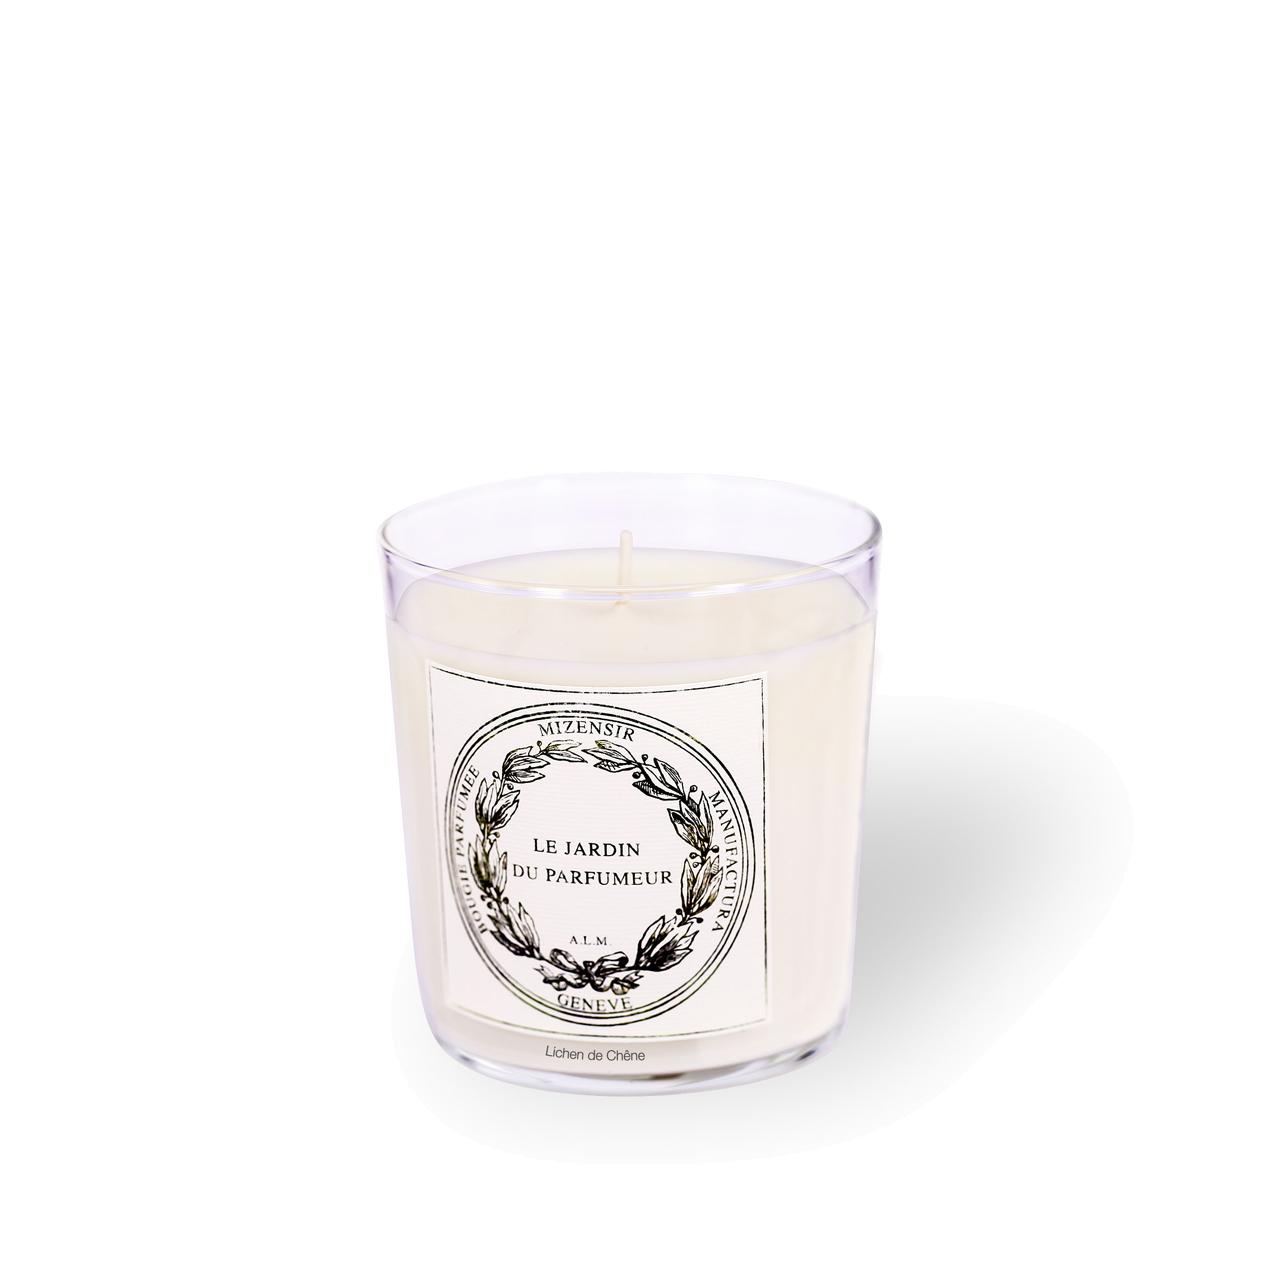 Lichen de Chêne - Candle